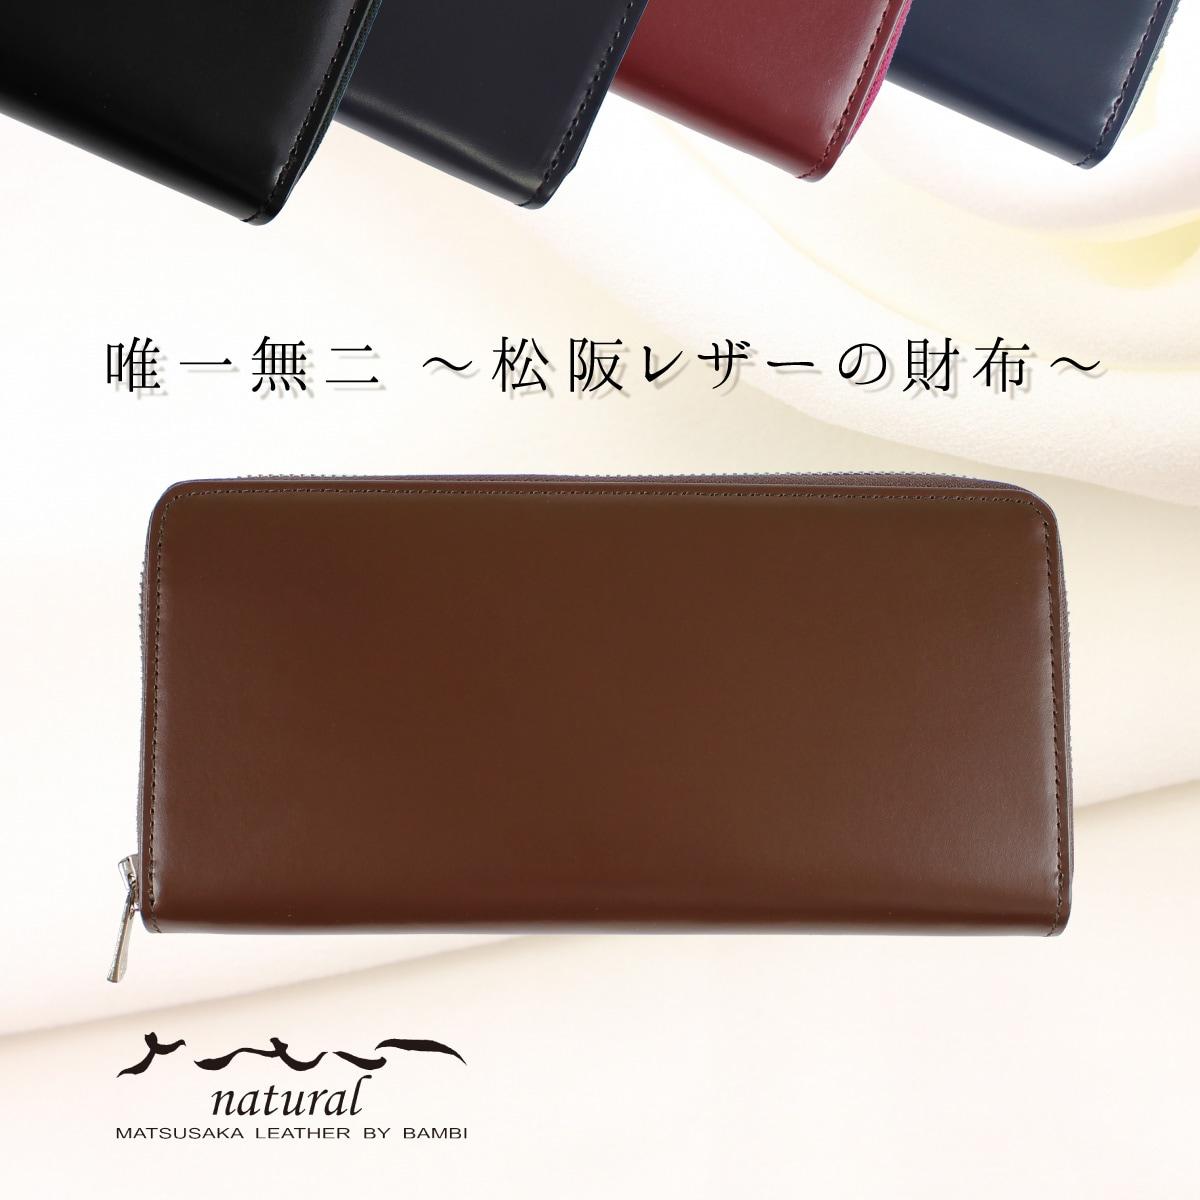 松阪レザーのプレミアム財布 さとりナチュラル ラウンドファスナー長財布 【カラー:豊土】 開運グッズ